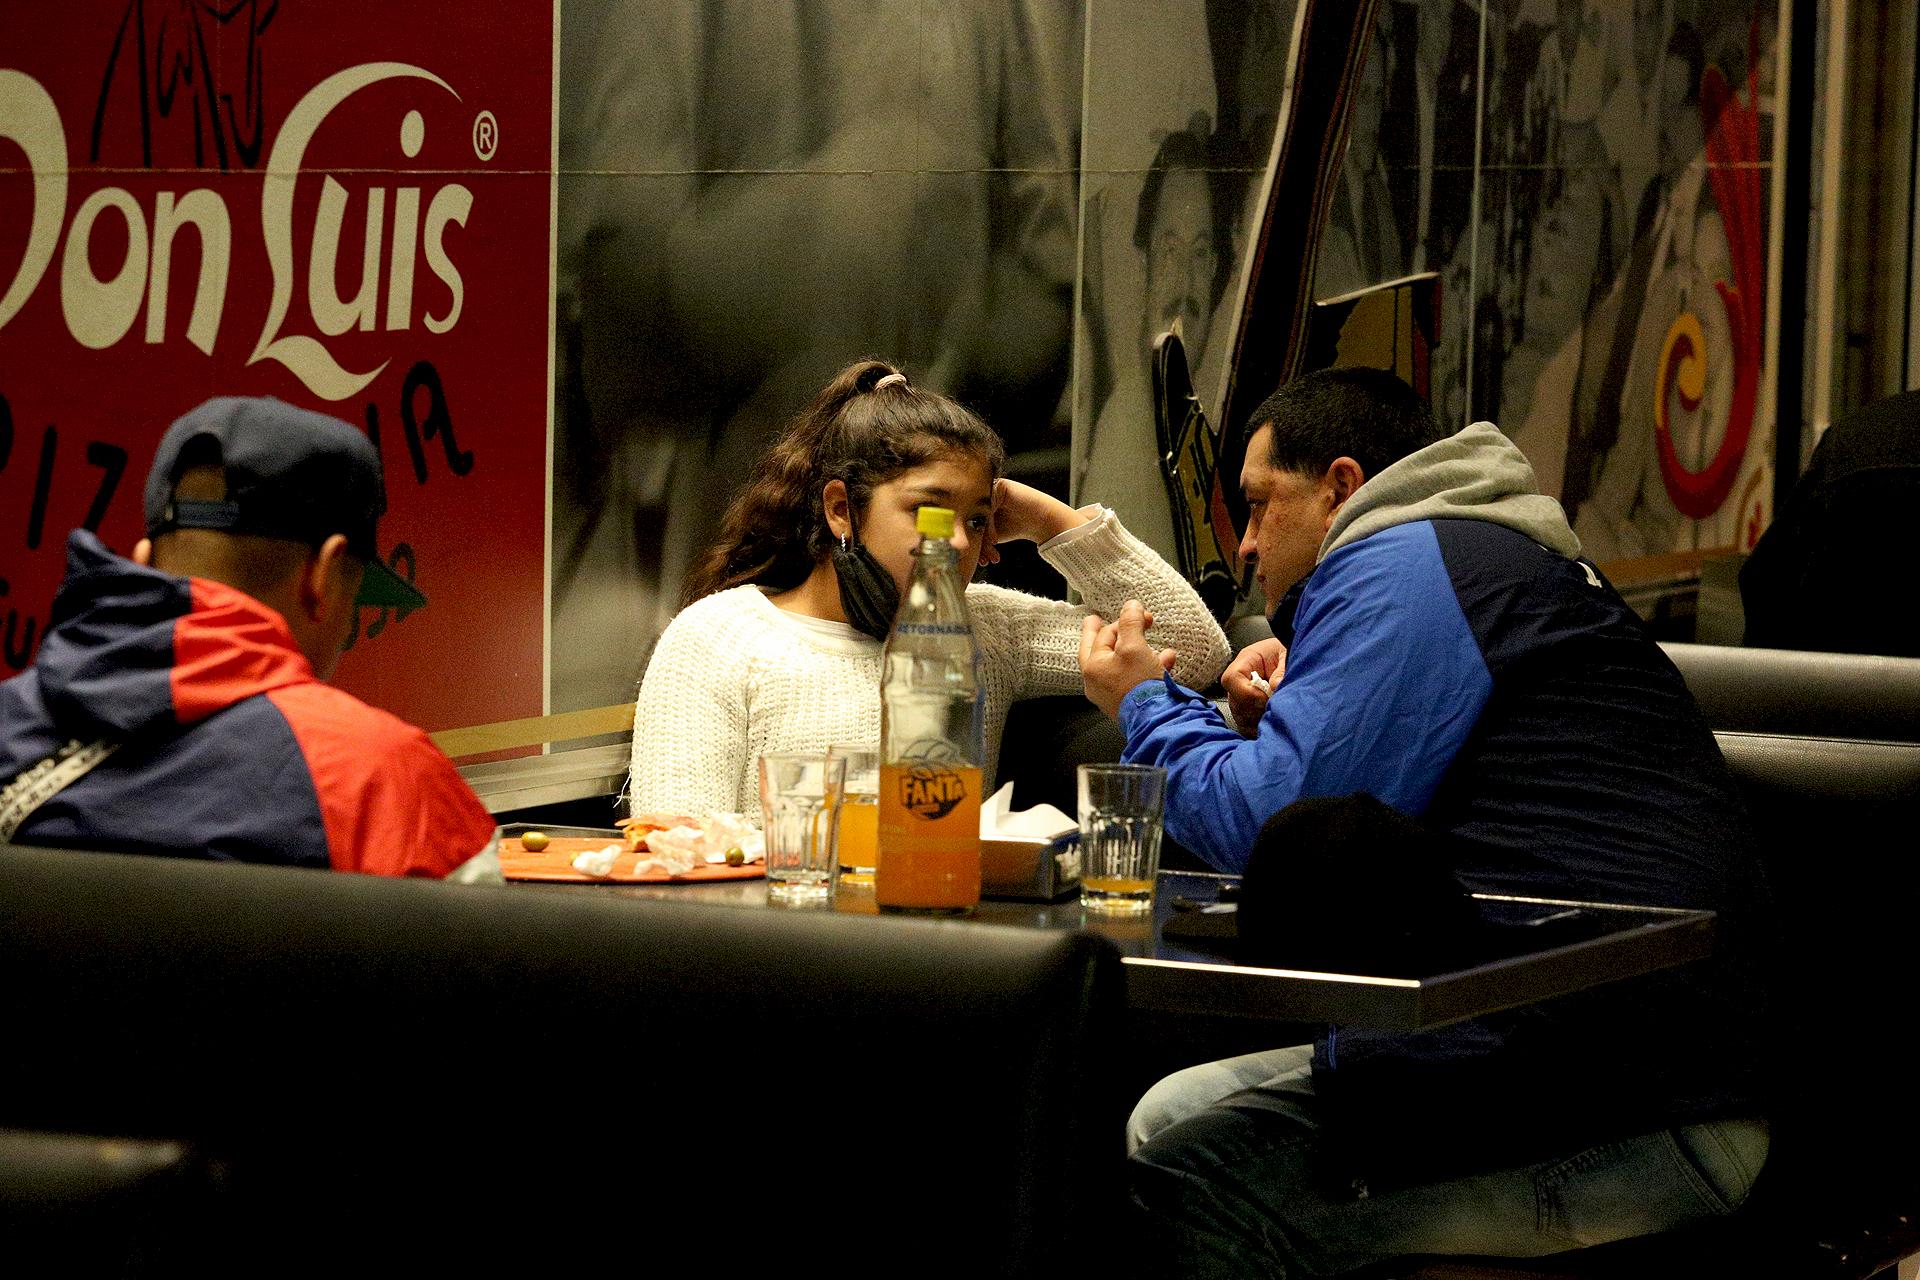 Los clientes de Don Luis pudieron volver a disfrutar de sus pizzas sentados en las mesas del lugar